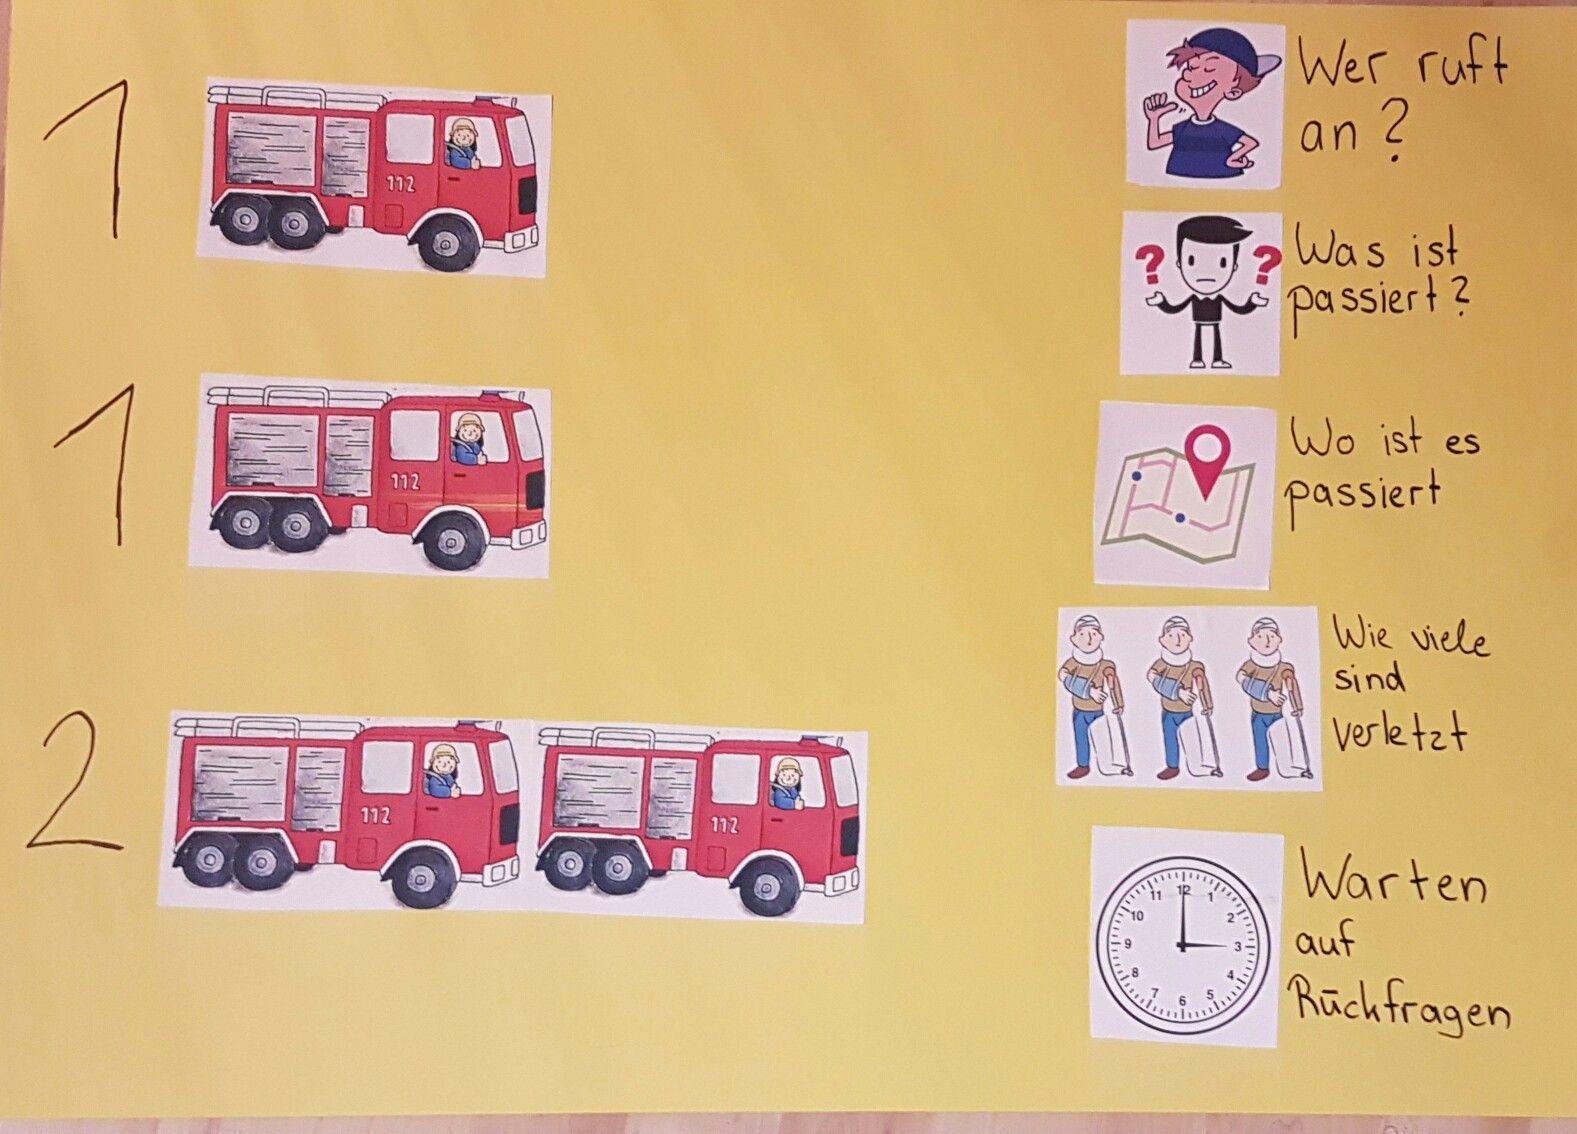 So kann man Kindern die Notrufnummer der Feuerwehr einfach beibringen und eine Merkstütze bieten. Außerdem sind die wichtigen W-Fragen dargestellt,die bei einem Notruf berücksichtigt werden sollten.